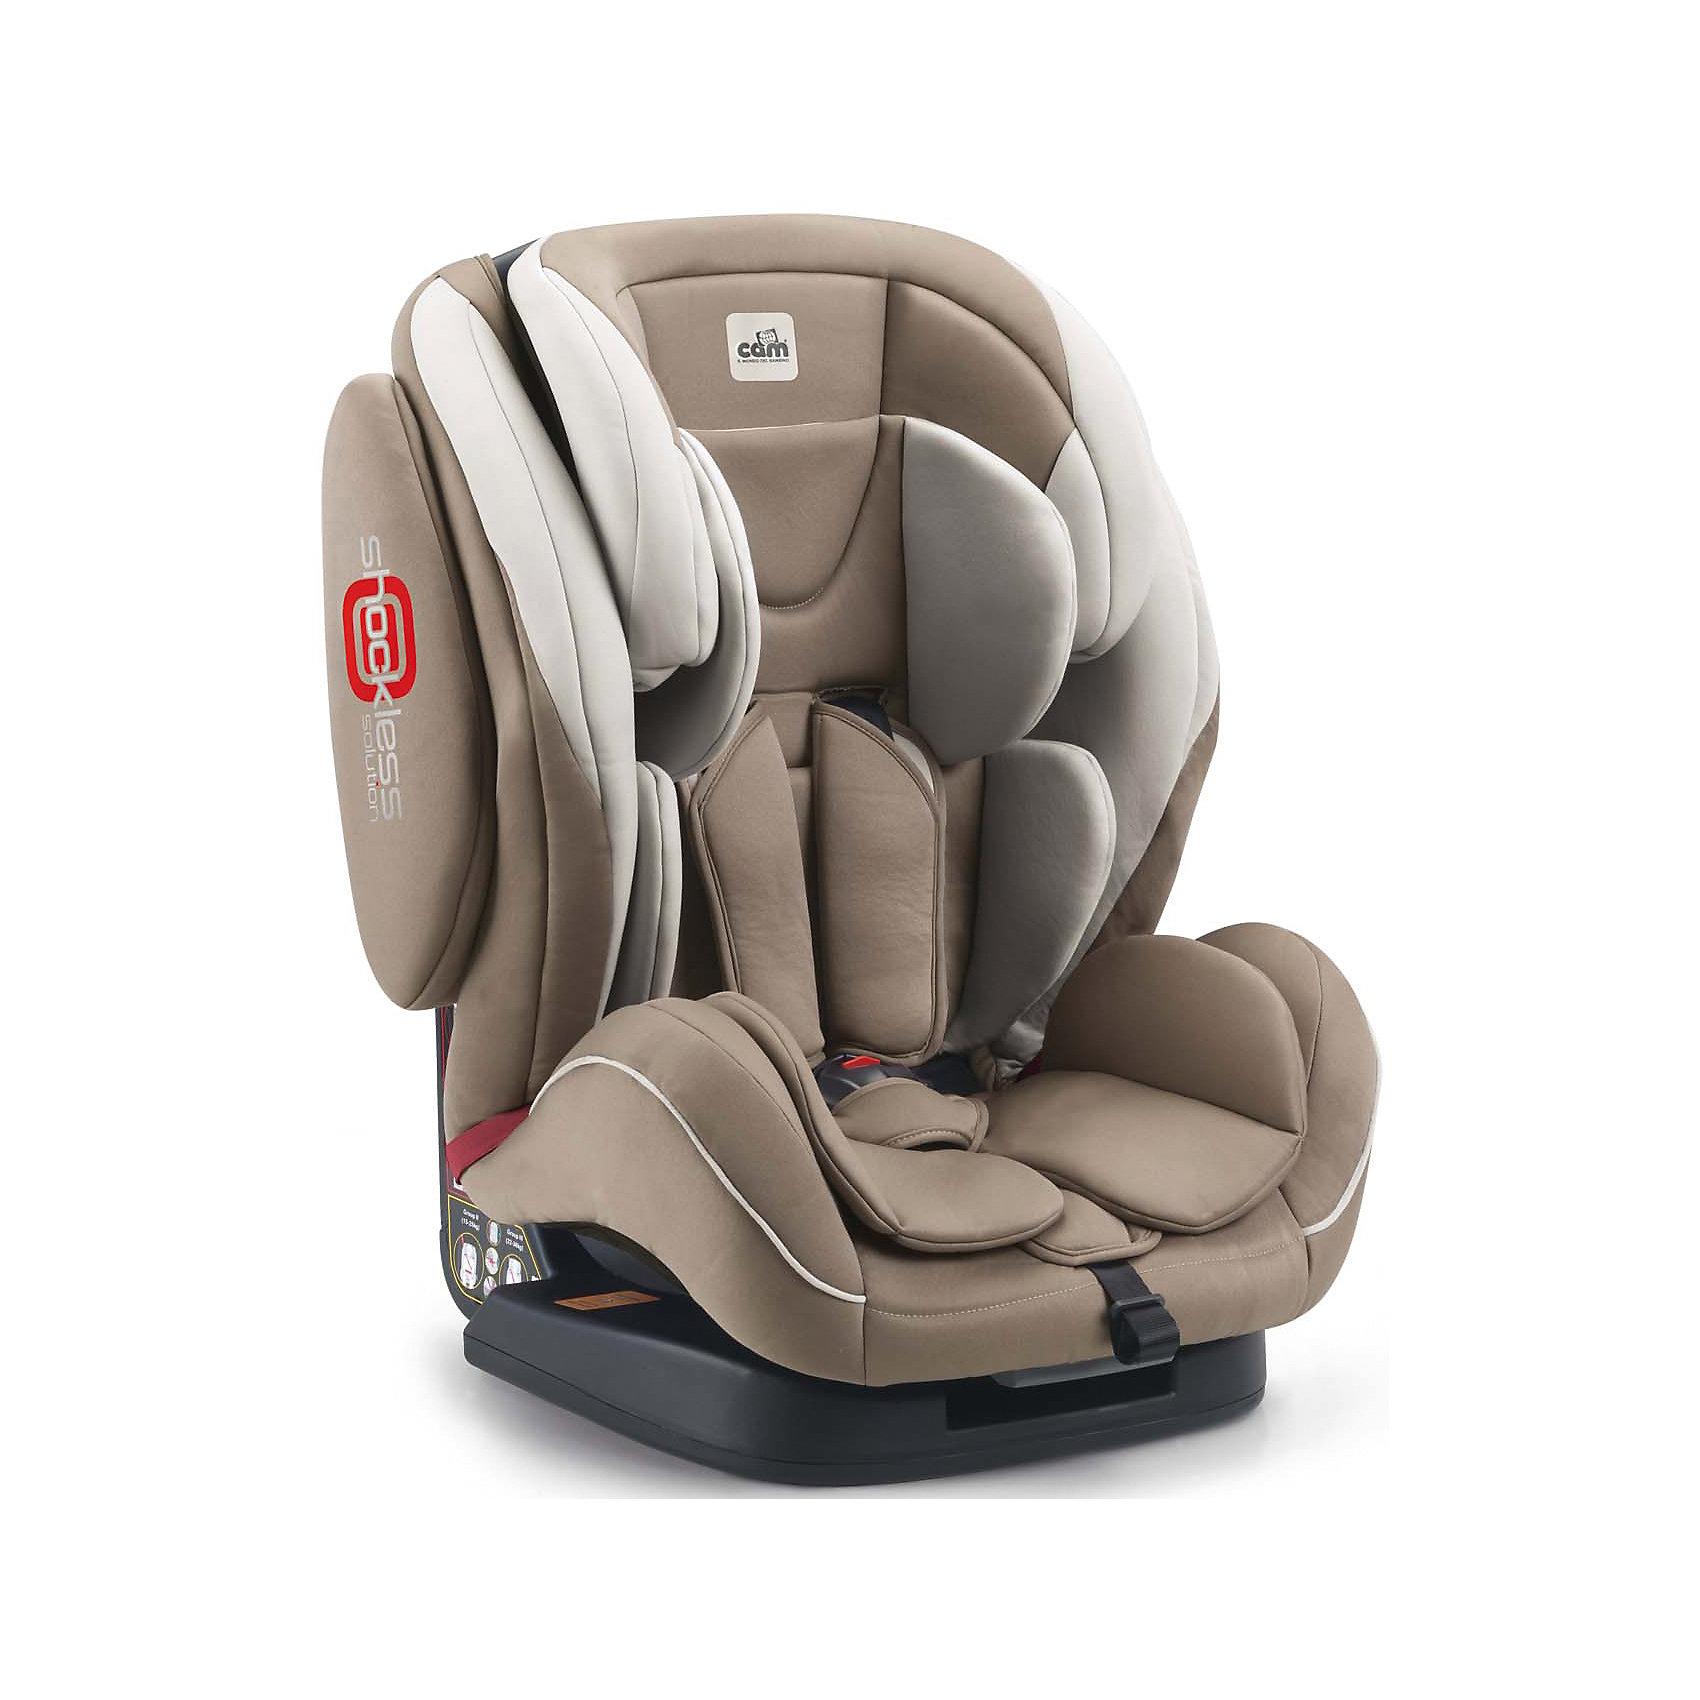 Автокресло Regolo, 9-36 кг., CAM, кремовыйАвтокресло Regolo, 9-36 кг., CAM, кремовый.<br><br>Характеристики:<br><br>- Для детей от 1 года до 10-12 лет (от 9 до 36 кг)<br>- Группа 1-2-3<br>- Материал: пластик, текстиль<br>- Цвет: кремовый<br>- Размер кресла: 52x50x64 см.<br>- Вес: 9,6 кг.<br><br>Автокресло Regolo CAM - это комфортная надежная модель, которая сделает поездку Вашего ребенка приятной и безопасной. Благодаря особой конструкции автокресло может использоваться в течение длительного времени и охватывает весовые категории детей от 1 года до 12 лет. Комфортное кресло оснащено эргономичной спинкой с регулируемым углом наклона (5 положений) и обеспечивает удобство сидения во время длительных поездок. Противоударный каркас и усиленная боковая защита уберегут ребёнка от серьезных травм. Боковую защиту и подголовник можно изменить по высоте, а потому ребенок по мере взросления всегда будет надежно защищен. Для малышей предусмотрен мягкий анатомический вкладыш. Регулируемые 5-точечные ремни безопасности с мягкими плечевыми накладками, накладкой между ножек и центральным замком надежно удерживают ребенка в кресле. Автокресло устанавливается лицом вперед, по ходу движения автомобиля с помощью штатных ремней безопасности. На корпусе автокресла имеется понятная маршрутизация, облегчающая правильное крепление штатных ремней безопасности. Кресло изготовлено из высококачественных материалов, износостойкие тканевые чехлы снимаются для чистки или стирки при температуре 30 градусов. Безопасность в пути подтверждена испытаниями (нормы ECE-R / 44 04 соблюдены), а экологическая безопасность материалов автокресла соответствует нормам 2005/84/СЕ (отсутствуют токсические вещества и фталат).<br><br>Автокресло Regolo, 9-36 кг., CAM, кремовое можно купить в нашем интернет-магазине.<br><br>Ширина мм: 465<br>Глубина мм: 440<br>Высота мм: 800<br>Вес г: 12000<br>Возраст от месяцев: 12<br>Возраст до месяцев: 144<br>Пол: Унисекс<br>Возраст: Детский<br>SKU: 5225142